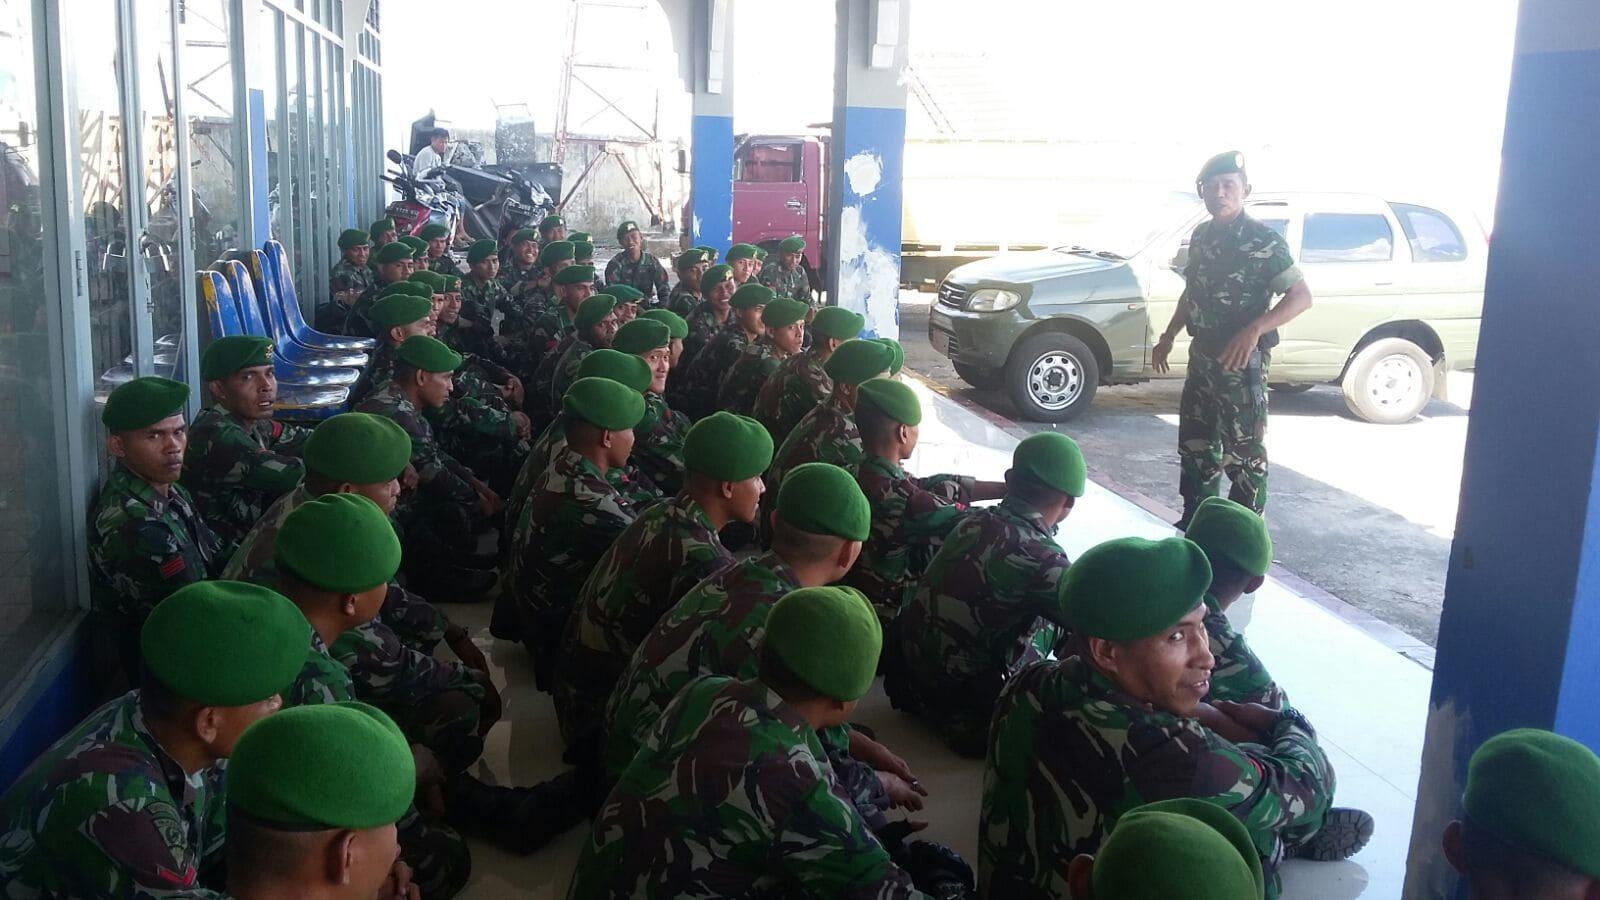 Korem Kirimkan Personel Back Up pengamanan di Taliabu dan Sula